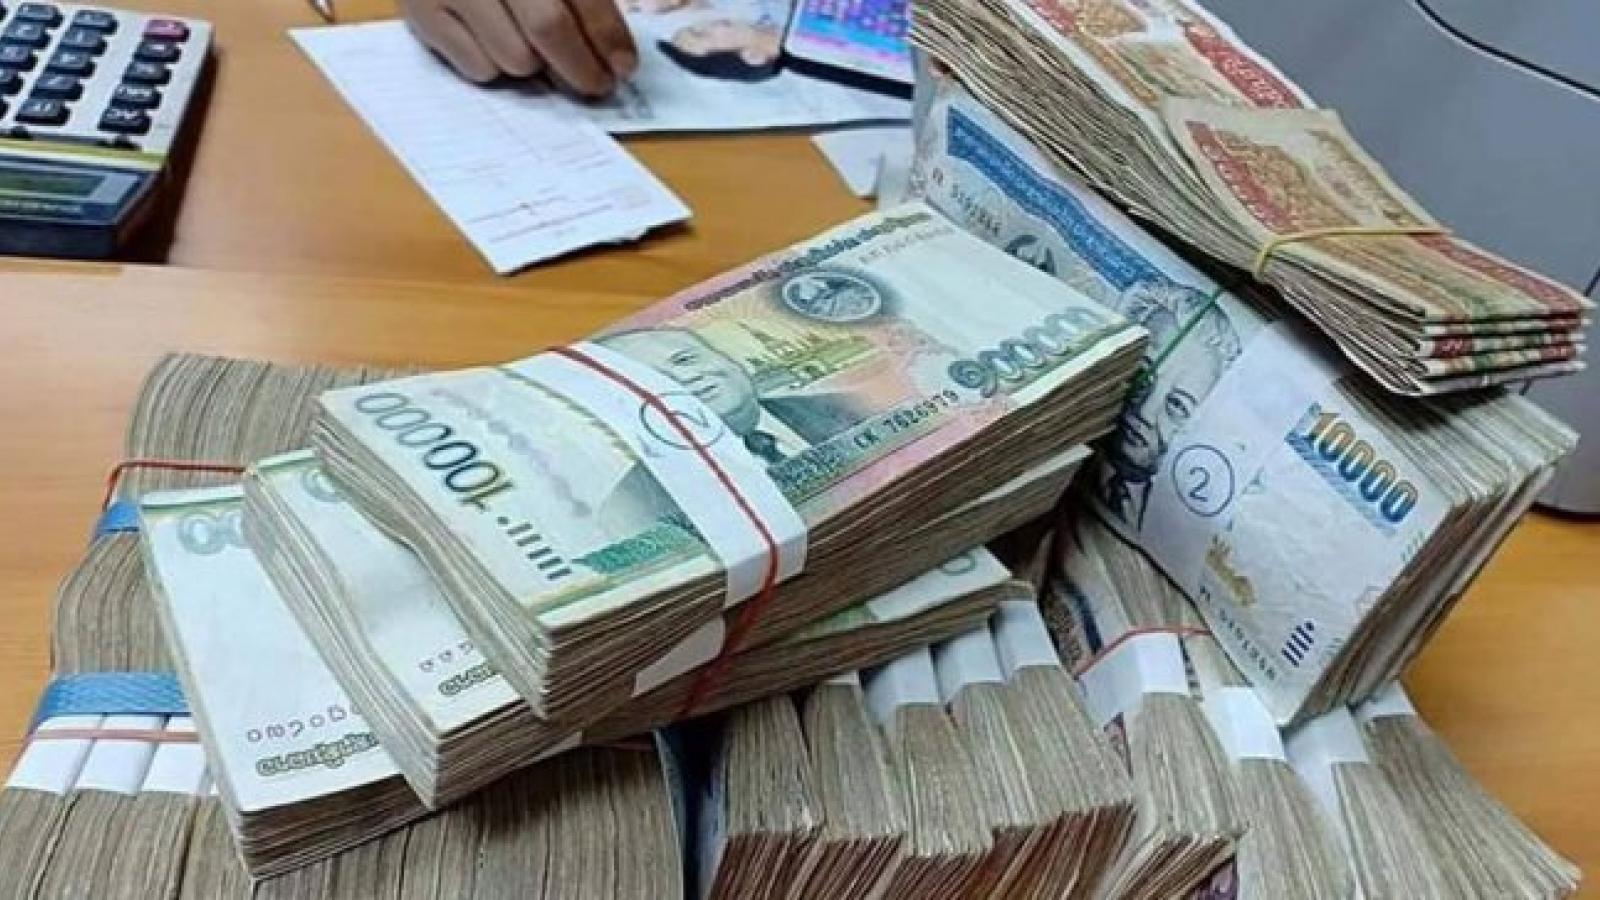 Lạm phát cao và đồng Kip suy yếu gây sức ép lên nền kinh tế Lào